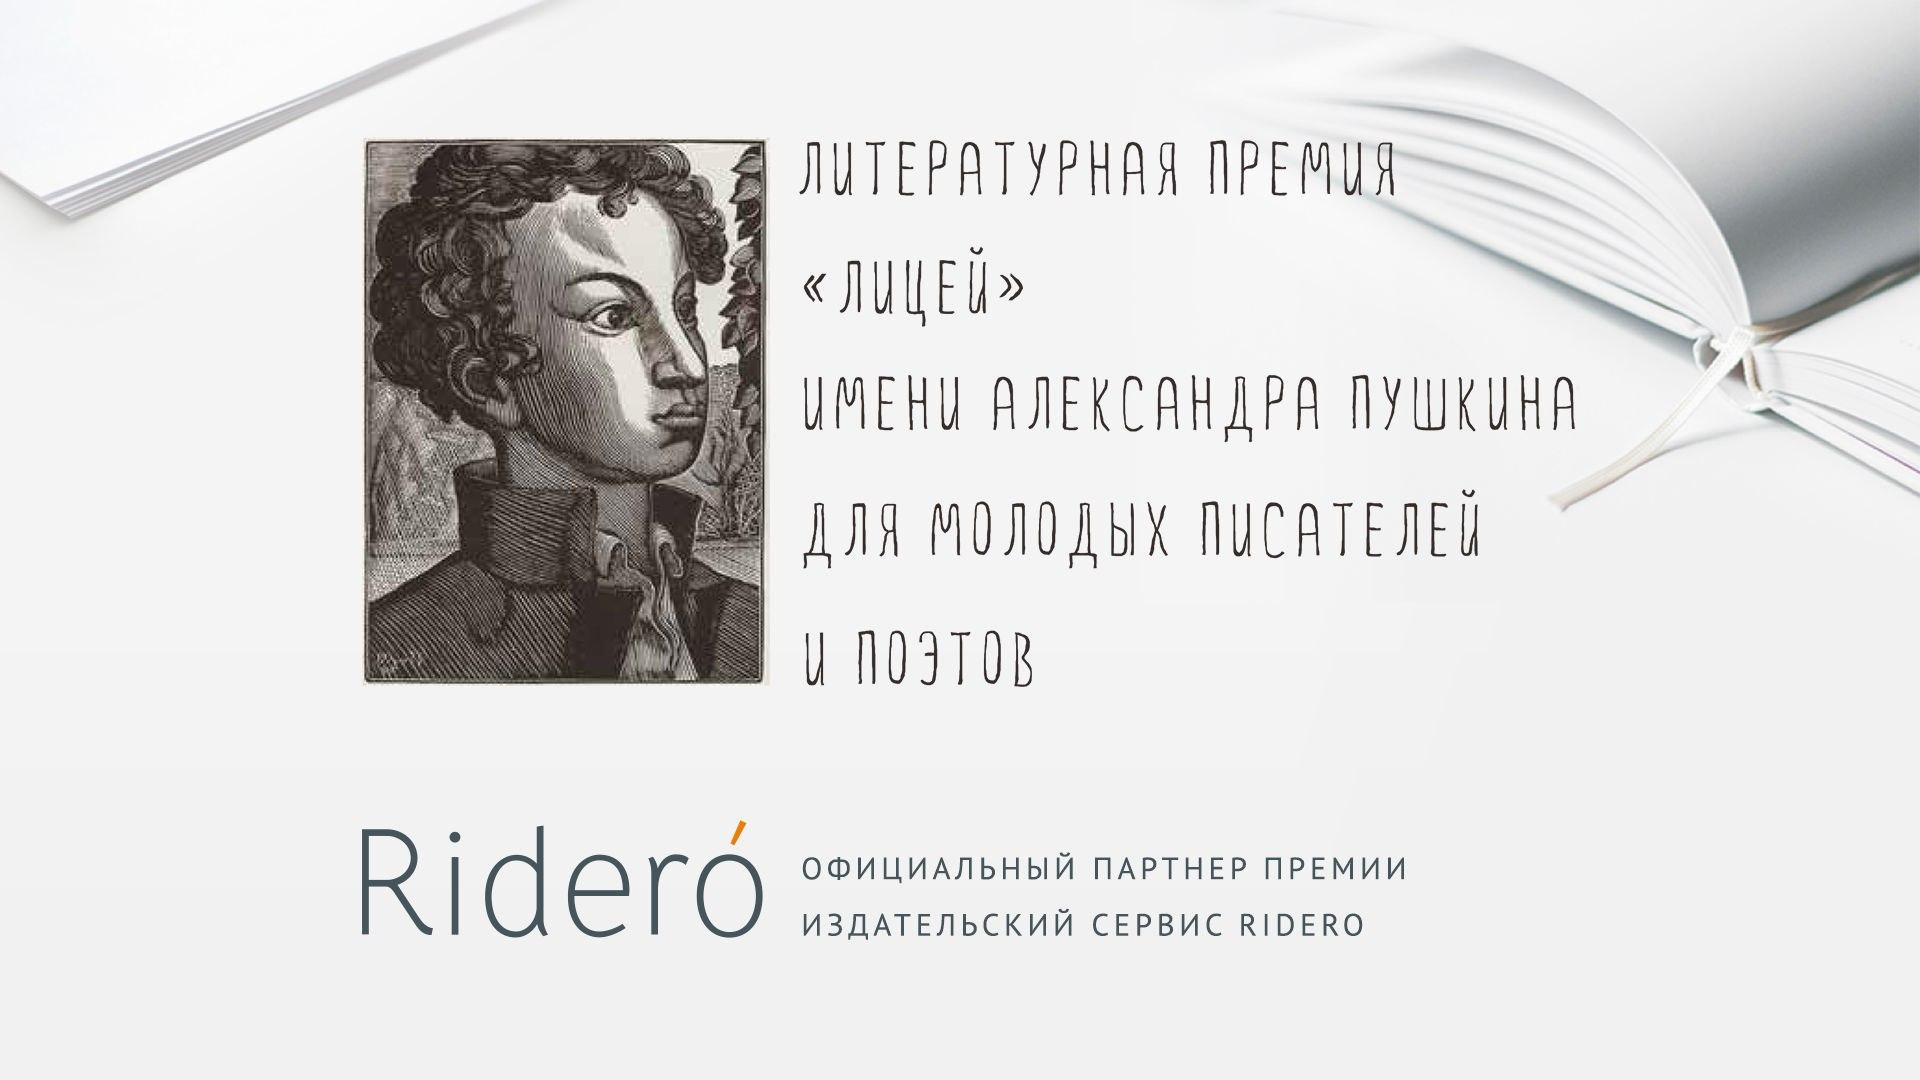 srazu-tri-veduschie-literaturnye-premii-otkryvayut-novyy-sezon-20-yanvarya